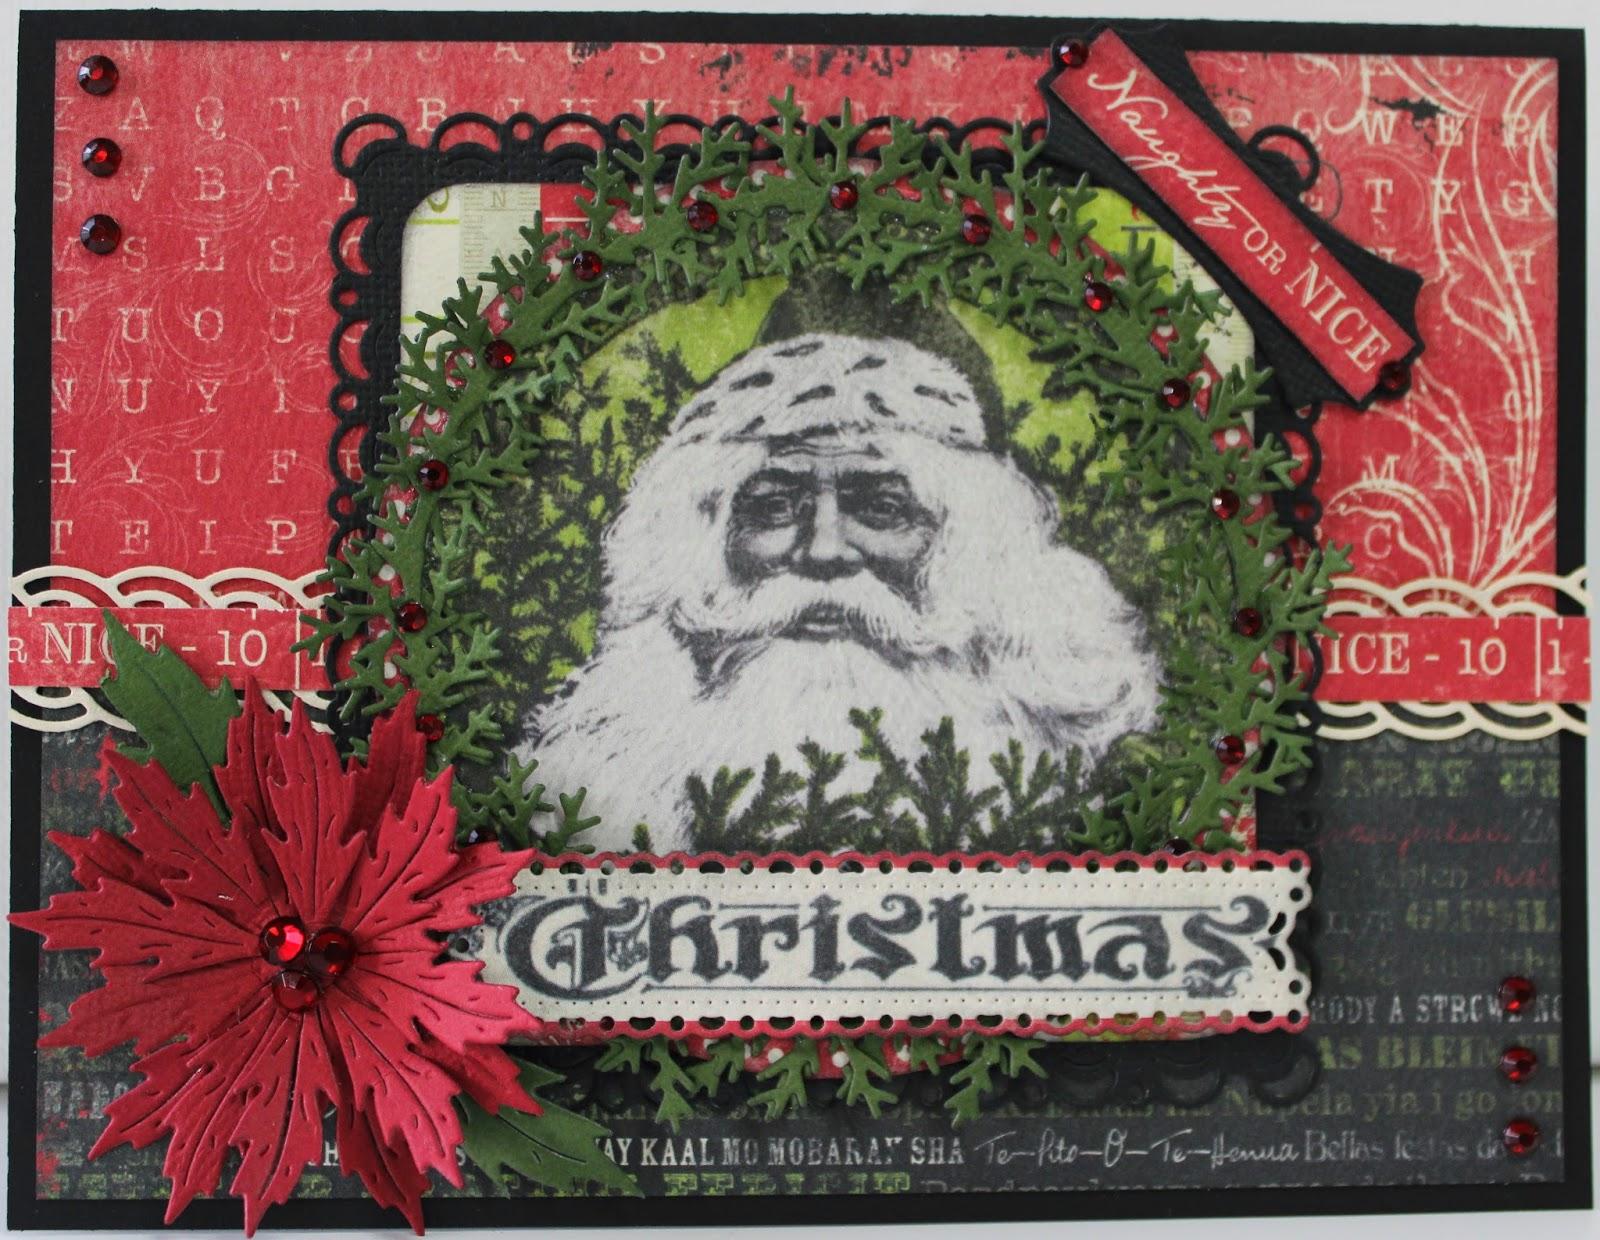 naughty or nice christmas card - Naughty Or Nice Christmas Card